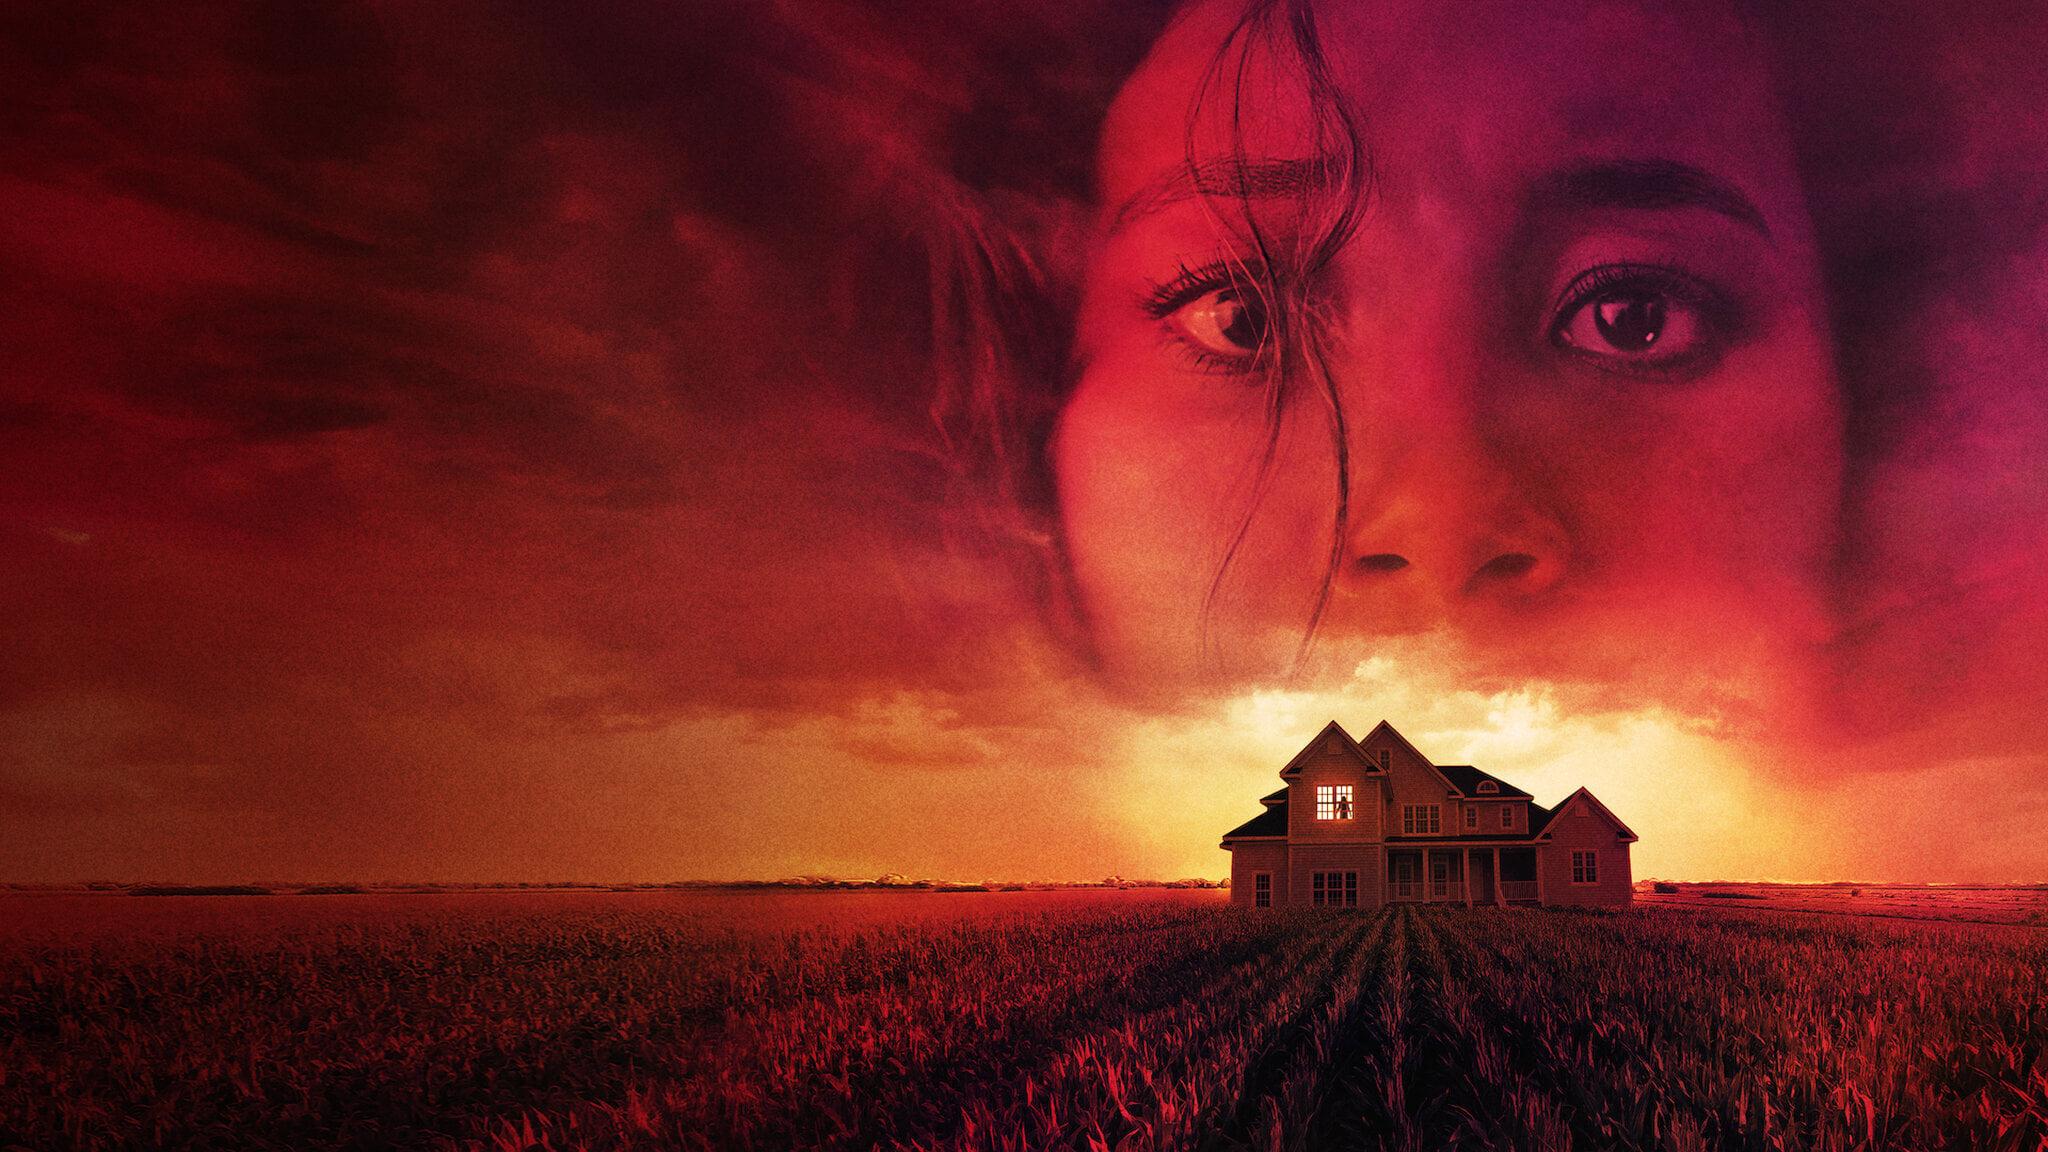 Tem Alguém na Sua Casa: conheça o novo filme de terror da Netflix